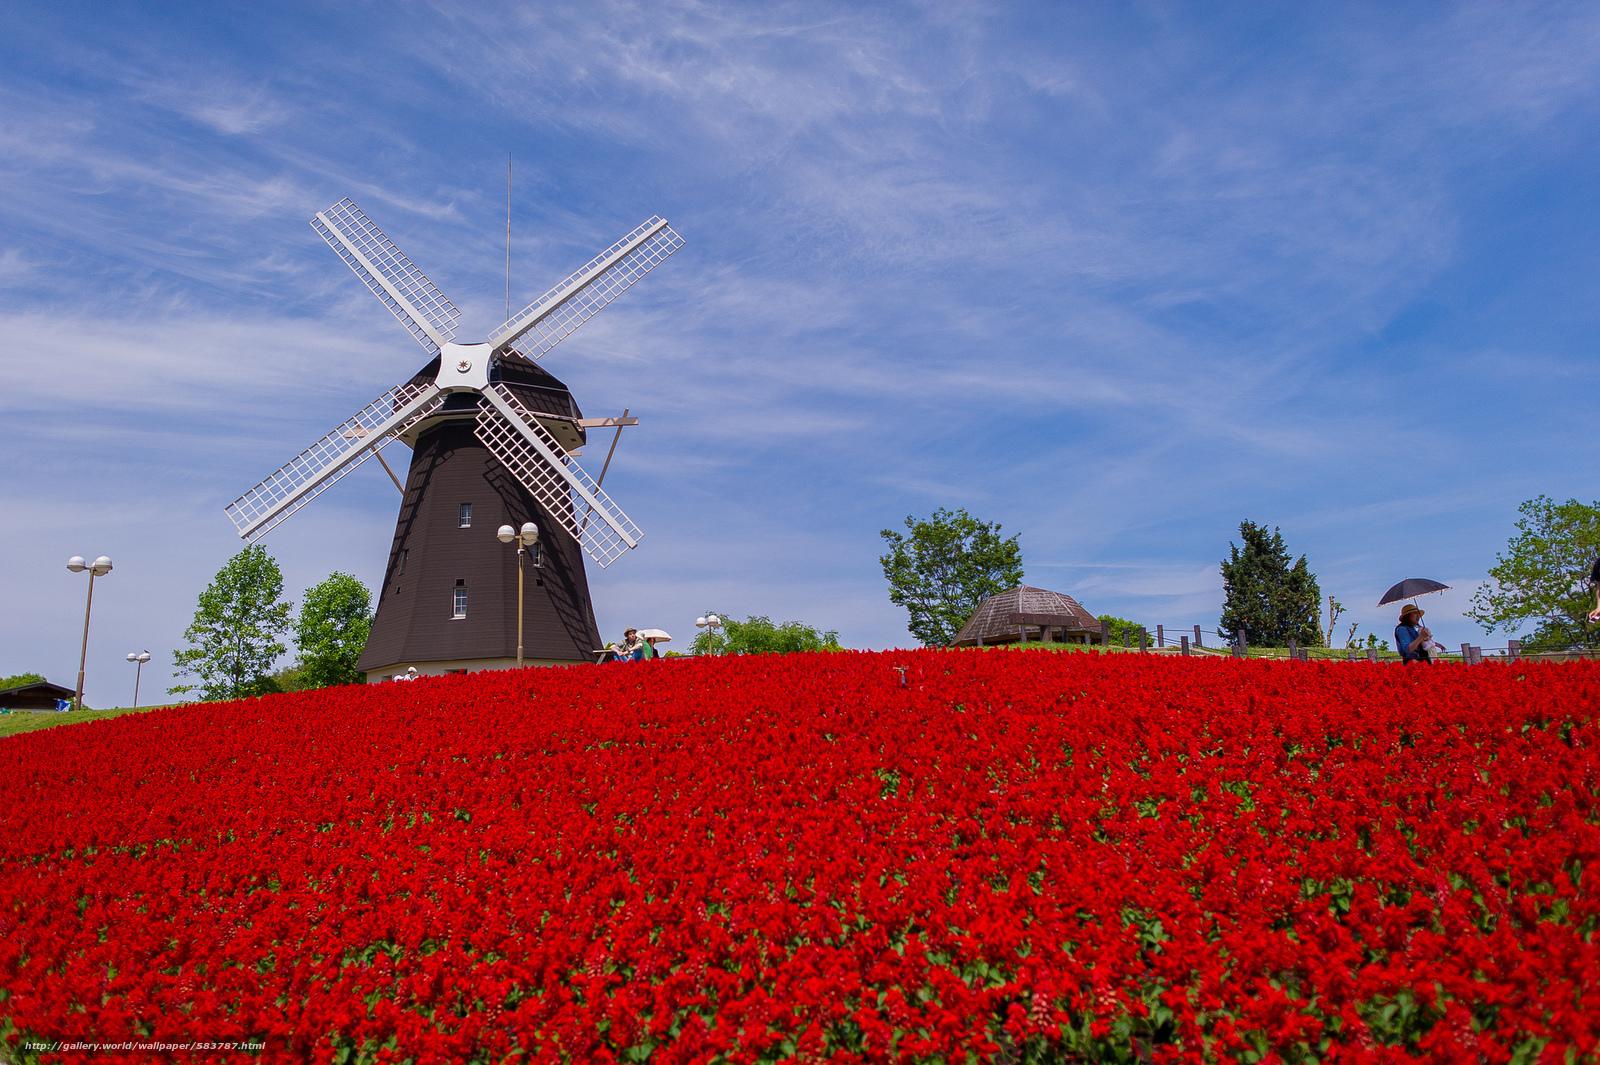 Скачать обои парк,  цветы,  Япония,  мельница бесплатно для рабочего стола в разрешении 2048x1363 — картинка №583787